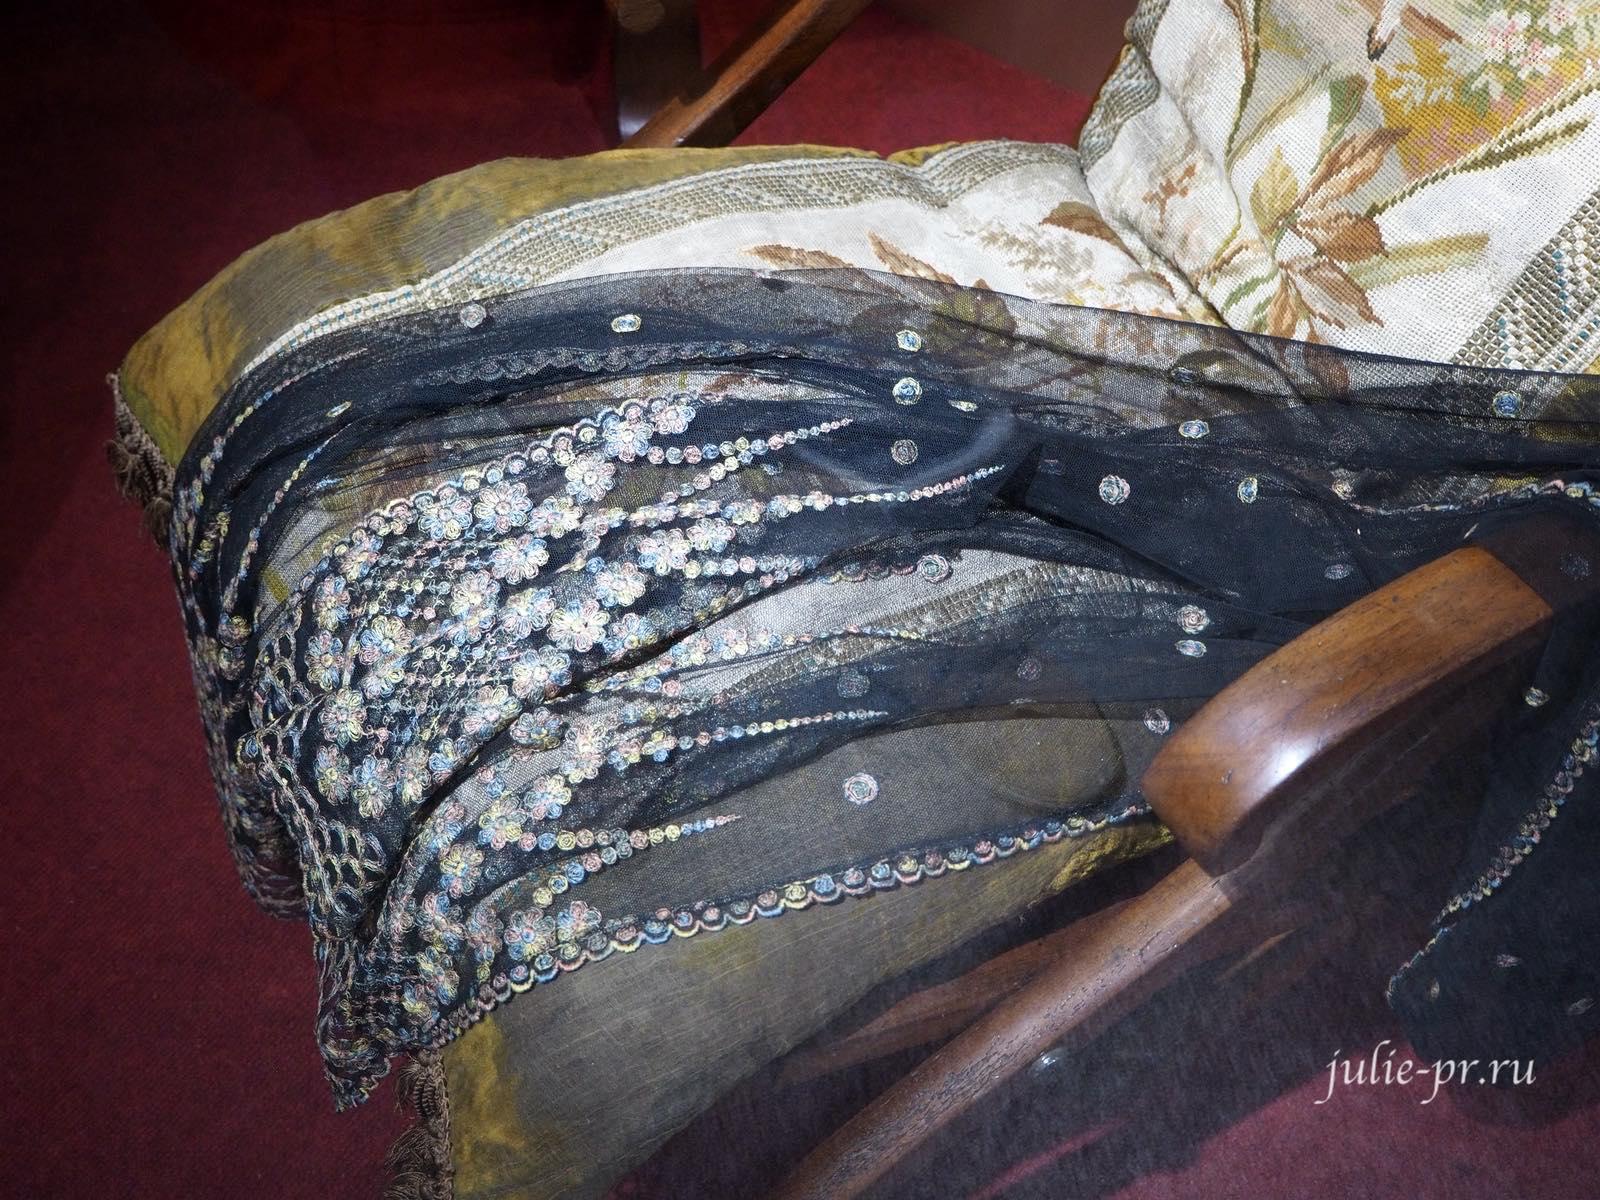 Шарф (Россия, вторая половина XIX века): вышивка тамбурным швом шёлковыми нитками по тюлю